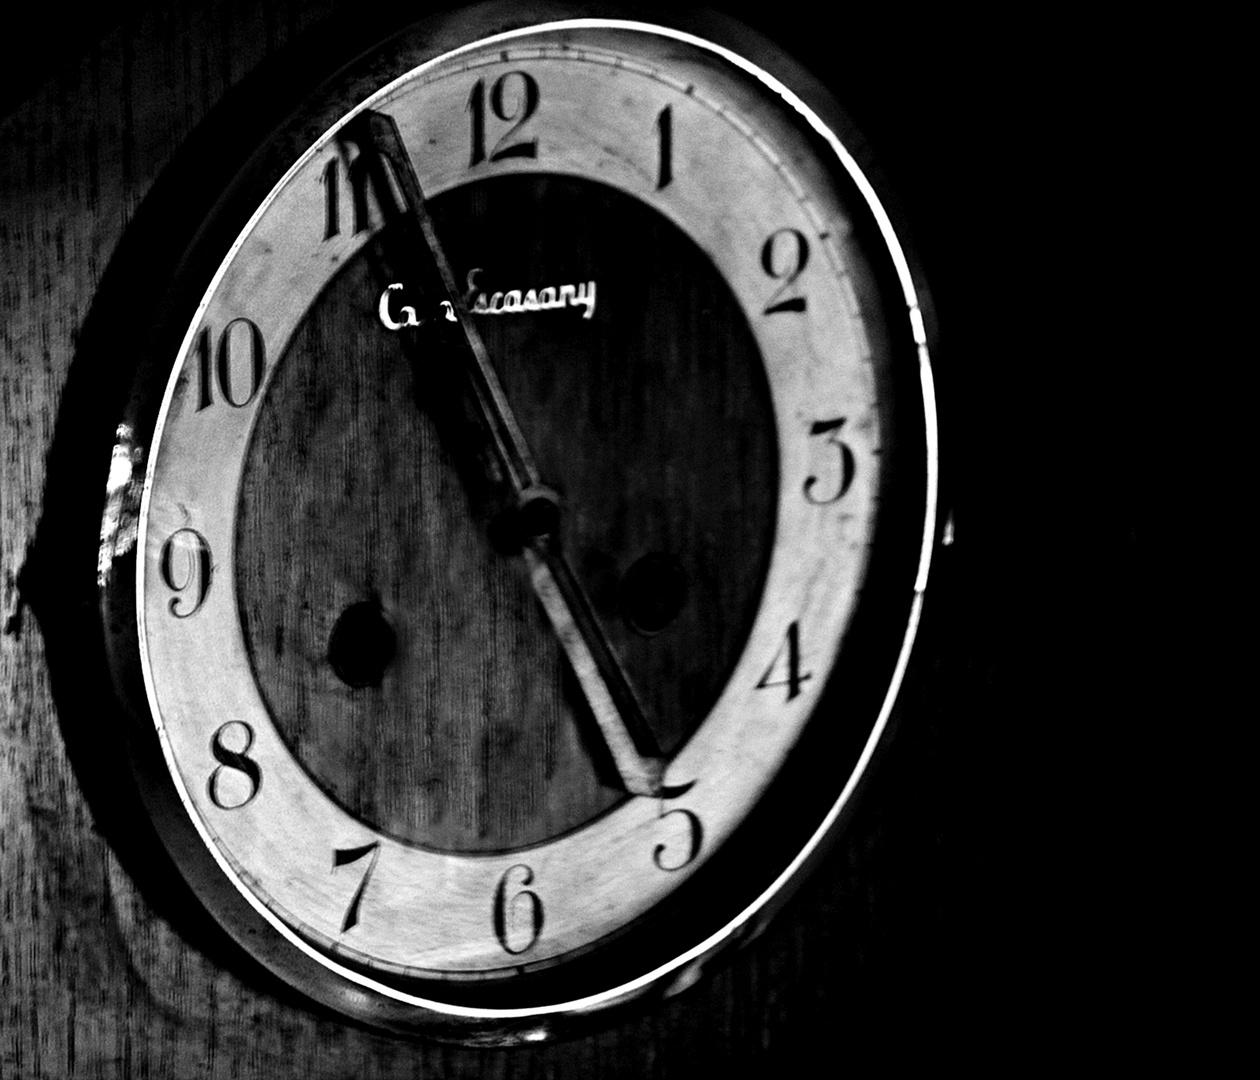 El Reloj de la abuela